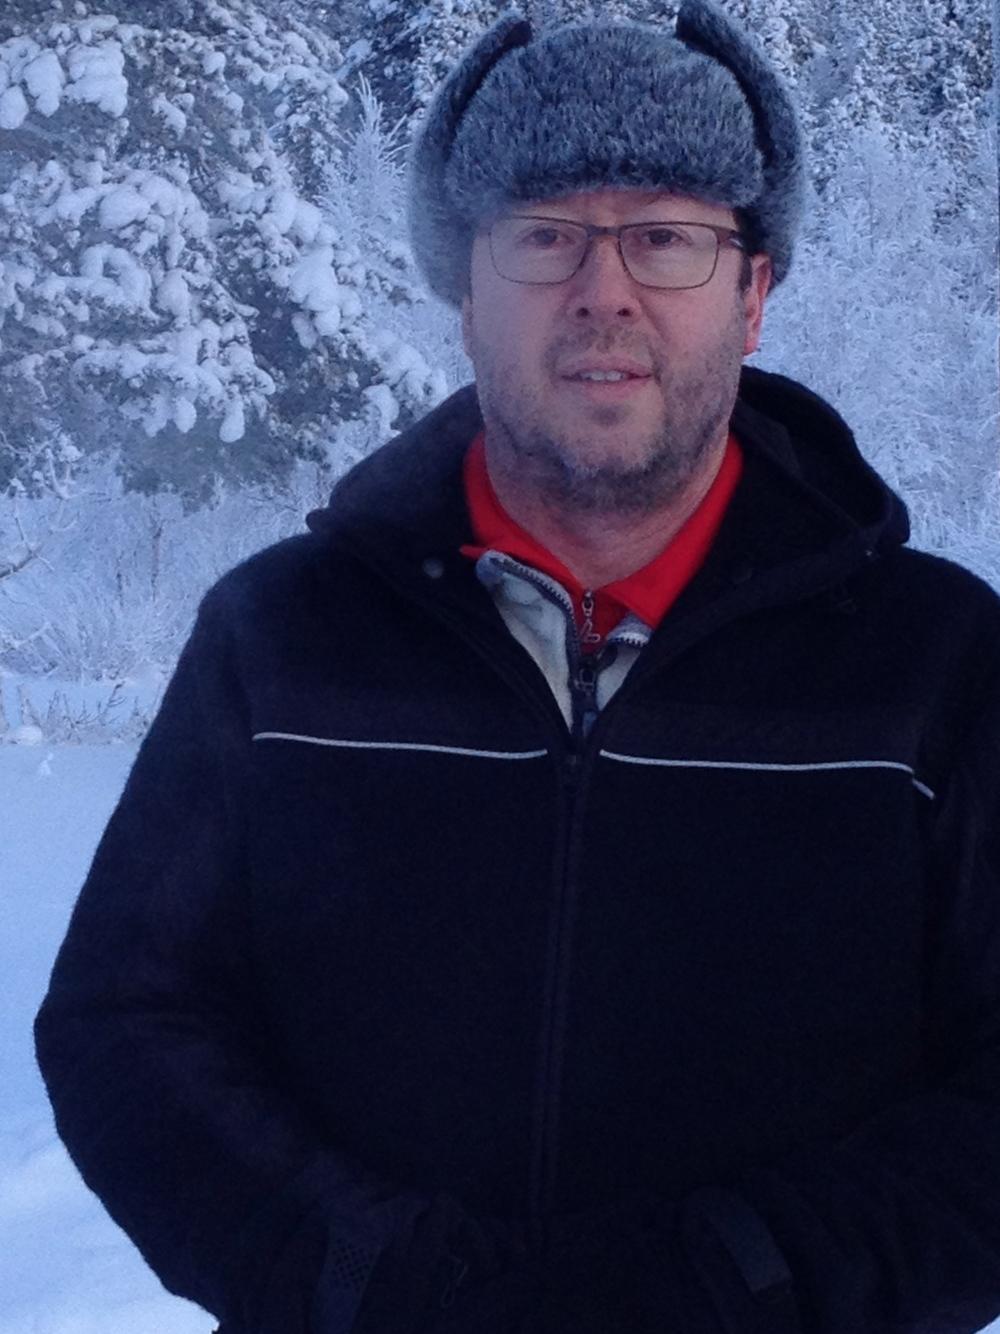 In Lapland.